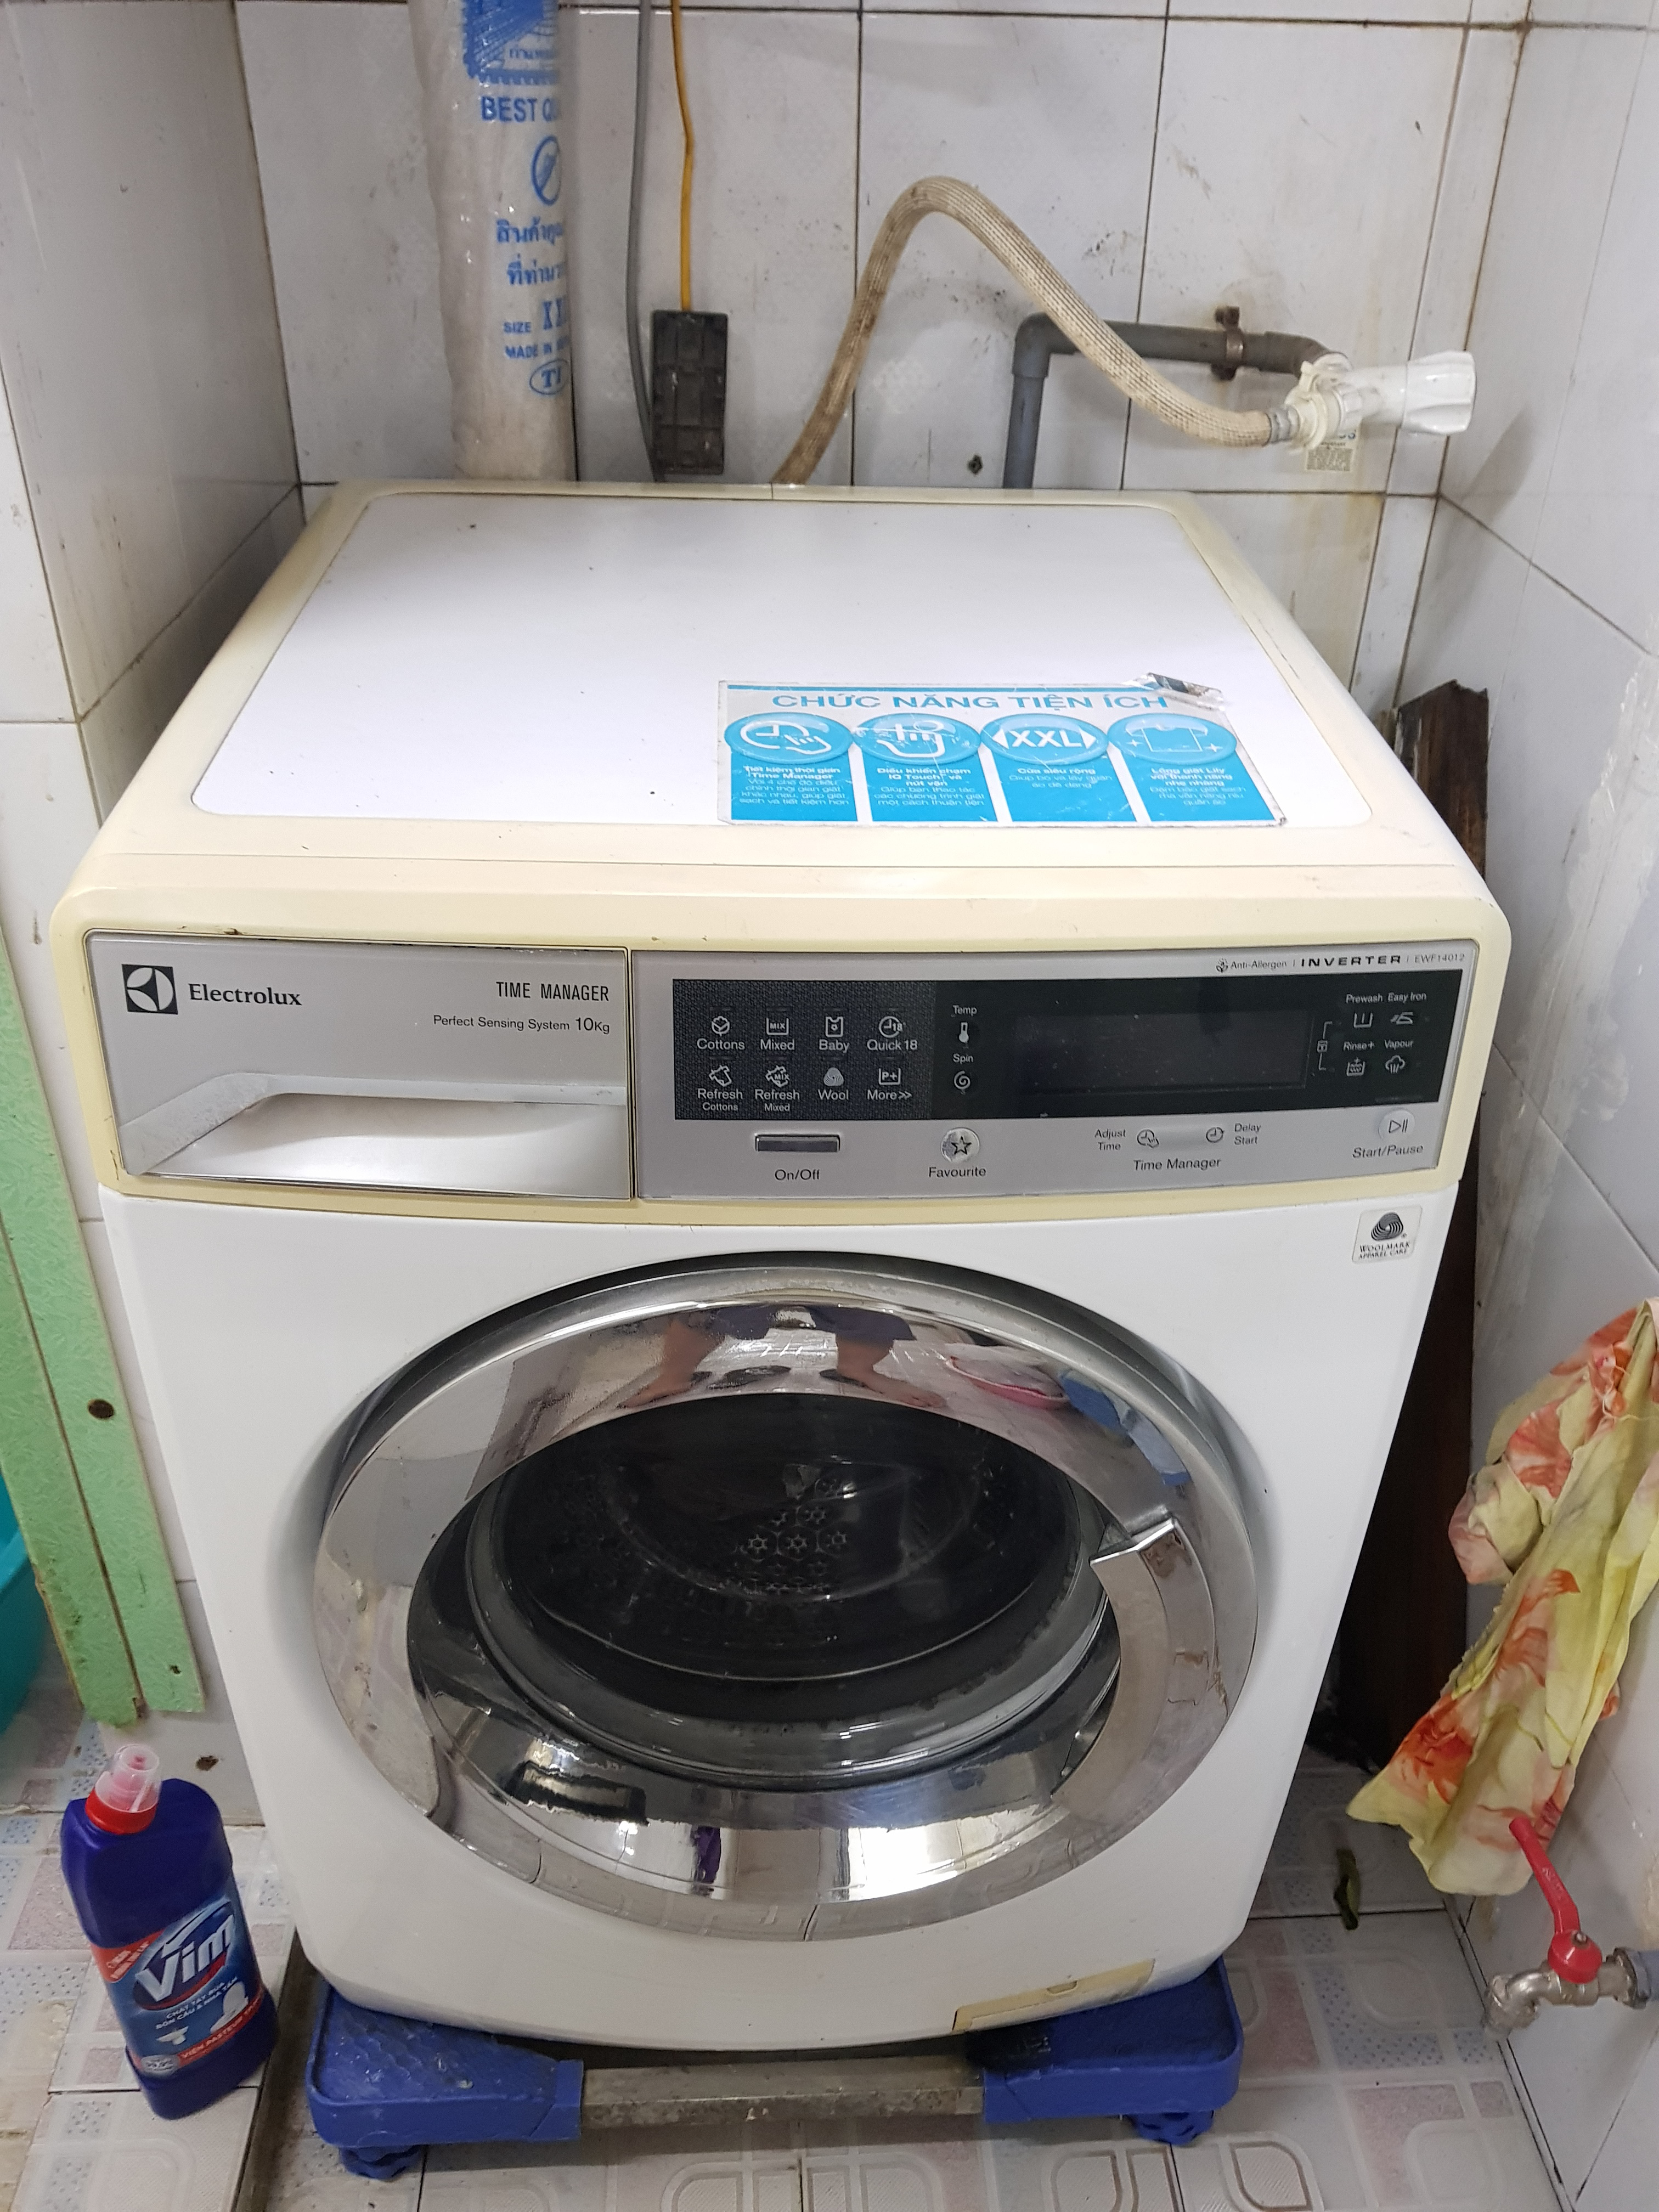 1 Máy giặt electrolux inverter 10kg đời giặt chăn thoải mái